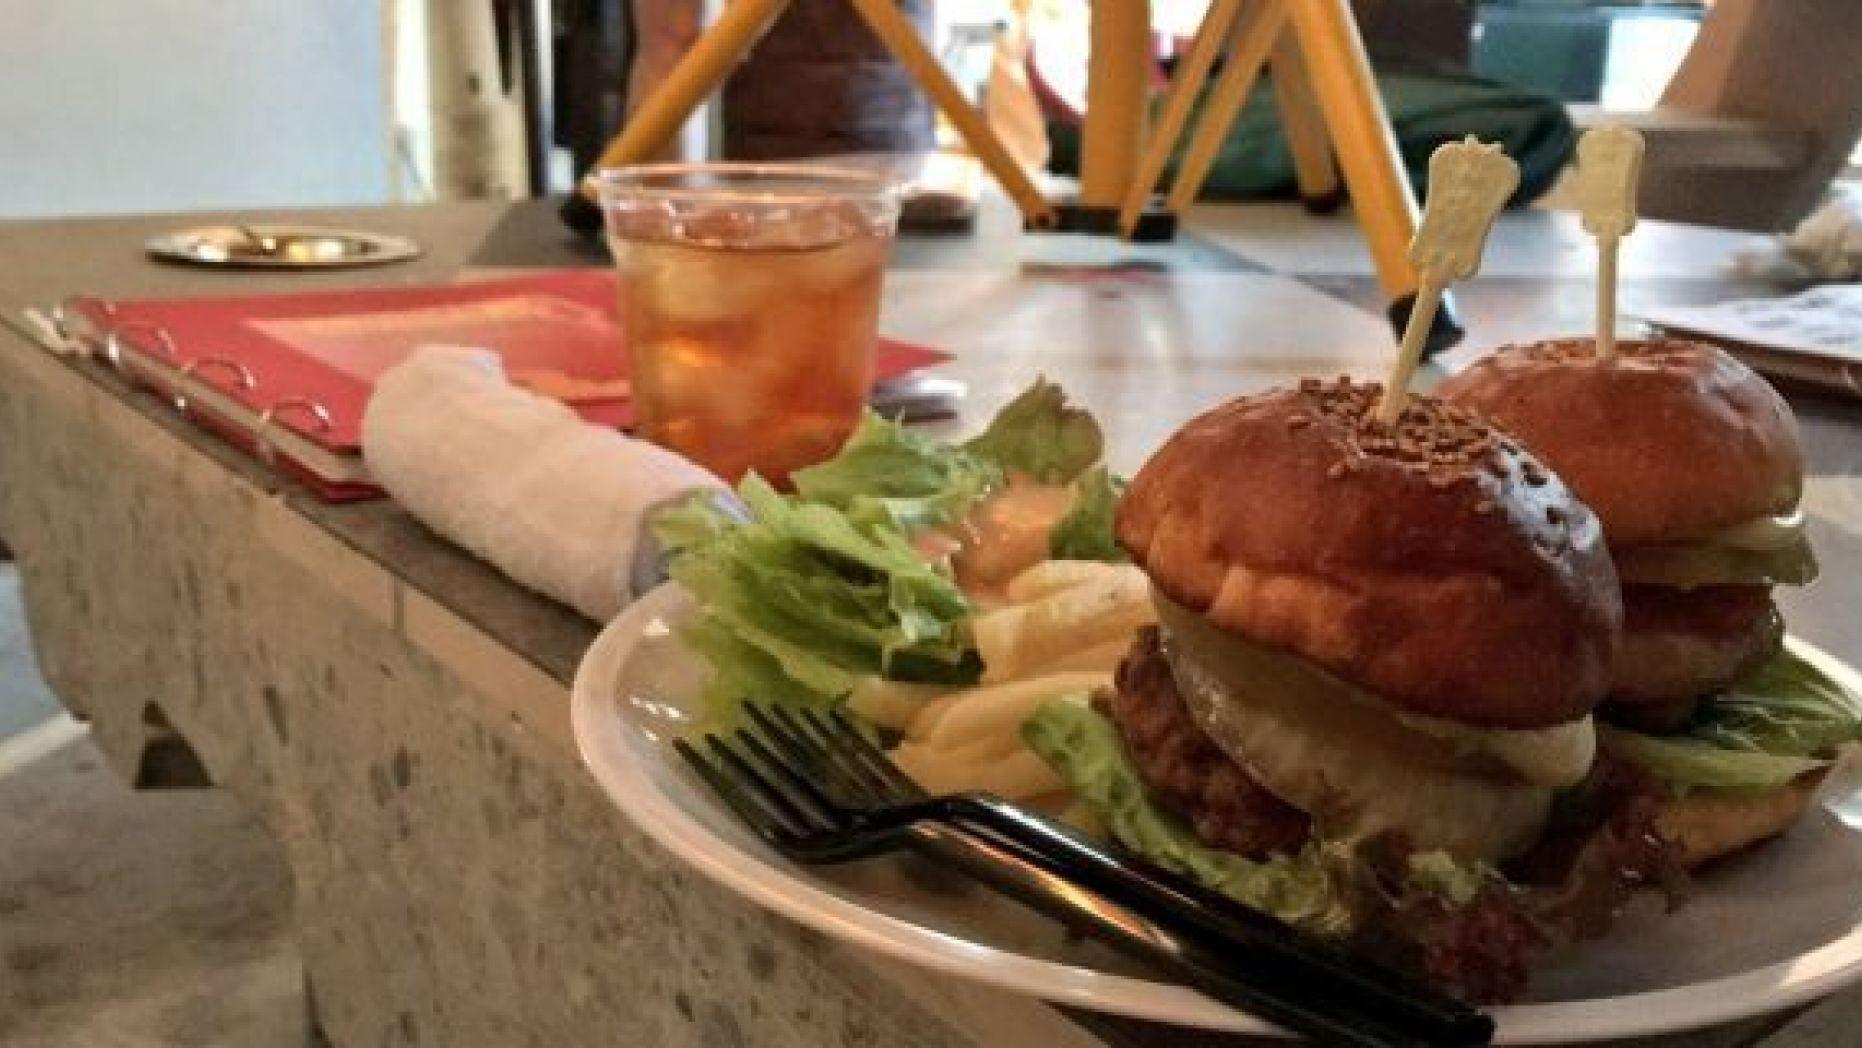 Nhà hàng chơi lớn xem mọi người có trầm trồ: phục vụ những bữa ăn cuối cùng của tử tù nổi tiếng - Ảnh 5.